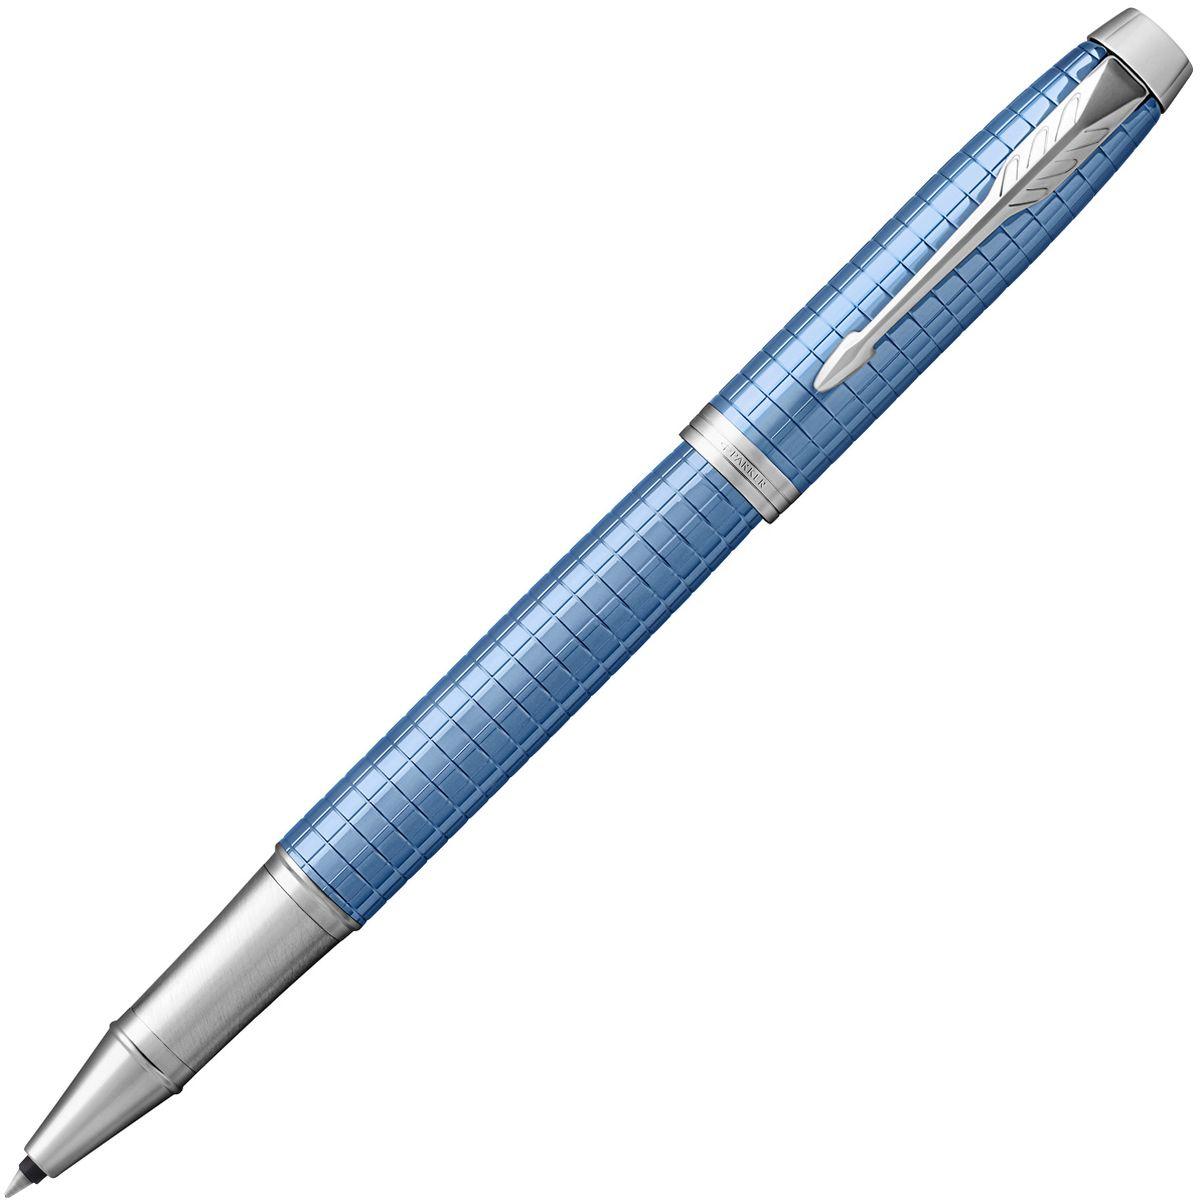 Parker Ручка-роллер IM Premium Blue CTPARKER-1931690Материал корпуса: Голуюой полированный анодированный алюминий.Покрытие корпуса: Корпус из полированного алюминия с выгравированными оригинальными графическими узорами, хромовое покрытие.Материал отделки деталей корпуса: Хром.Способ подачи стержня: колпачок.Сделано в Китае.